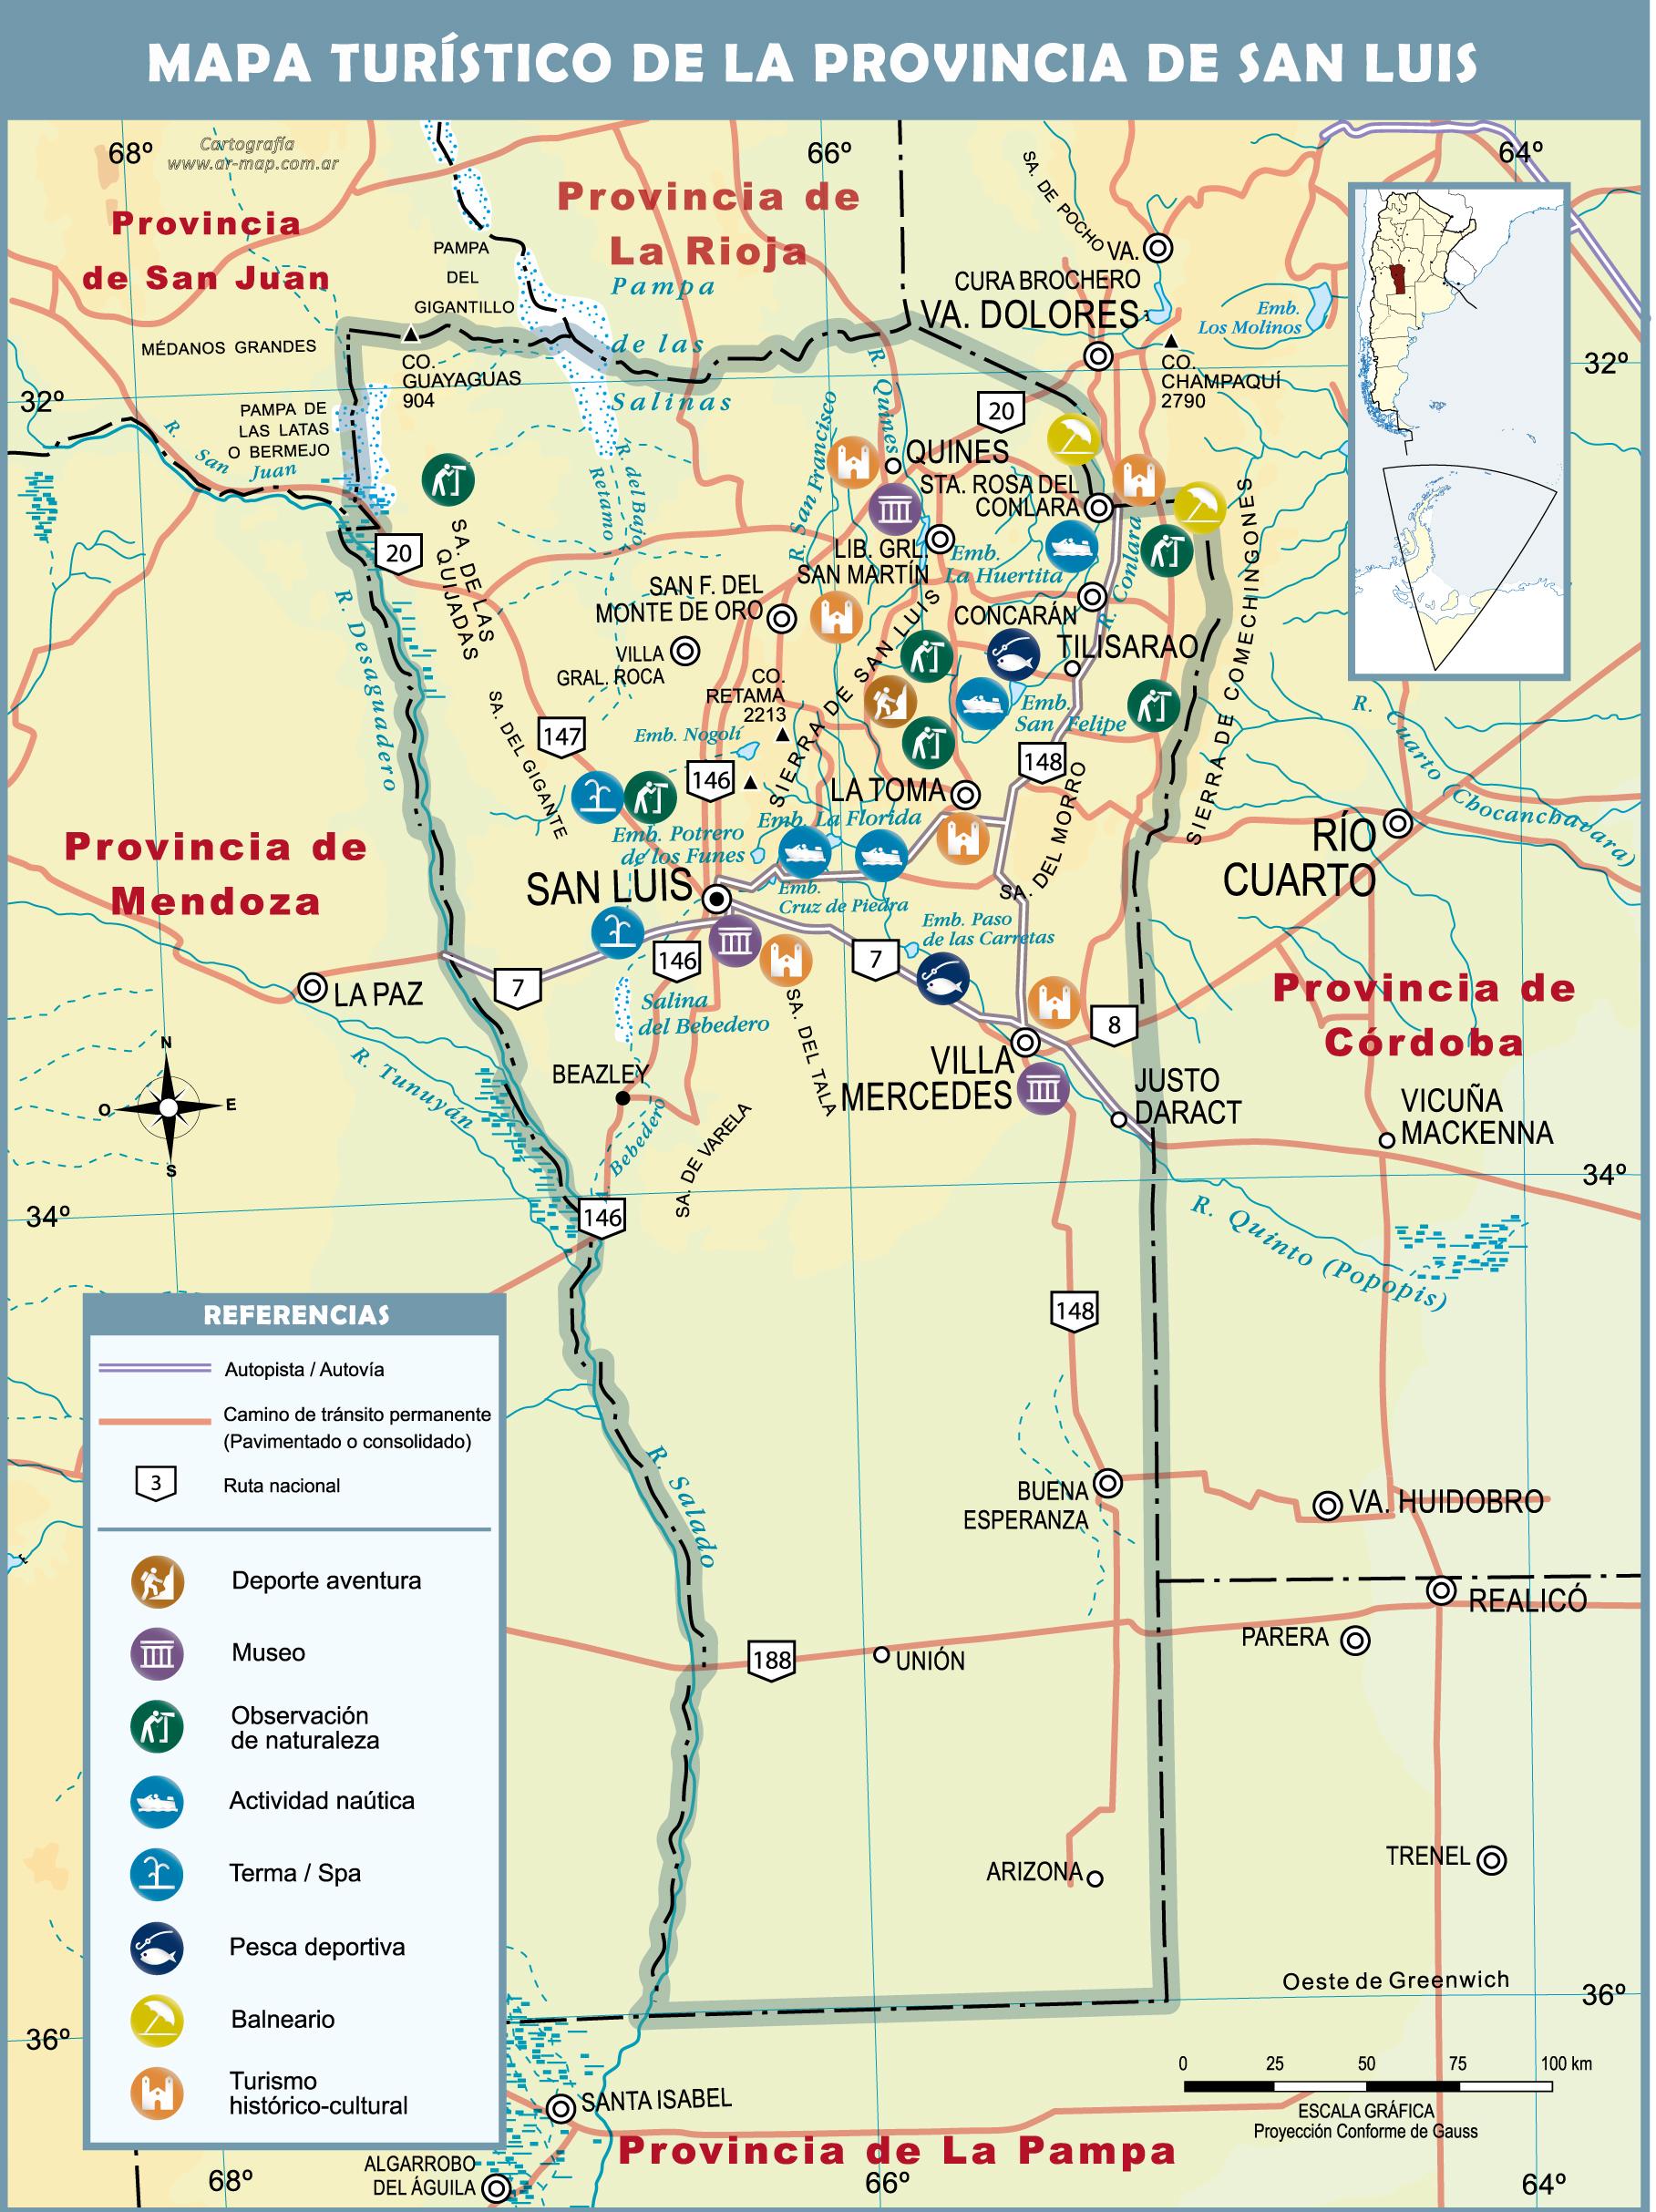 Mapa de san luis turistico